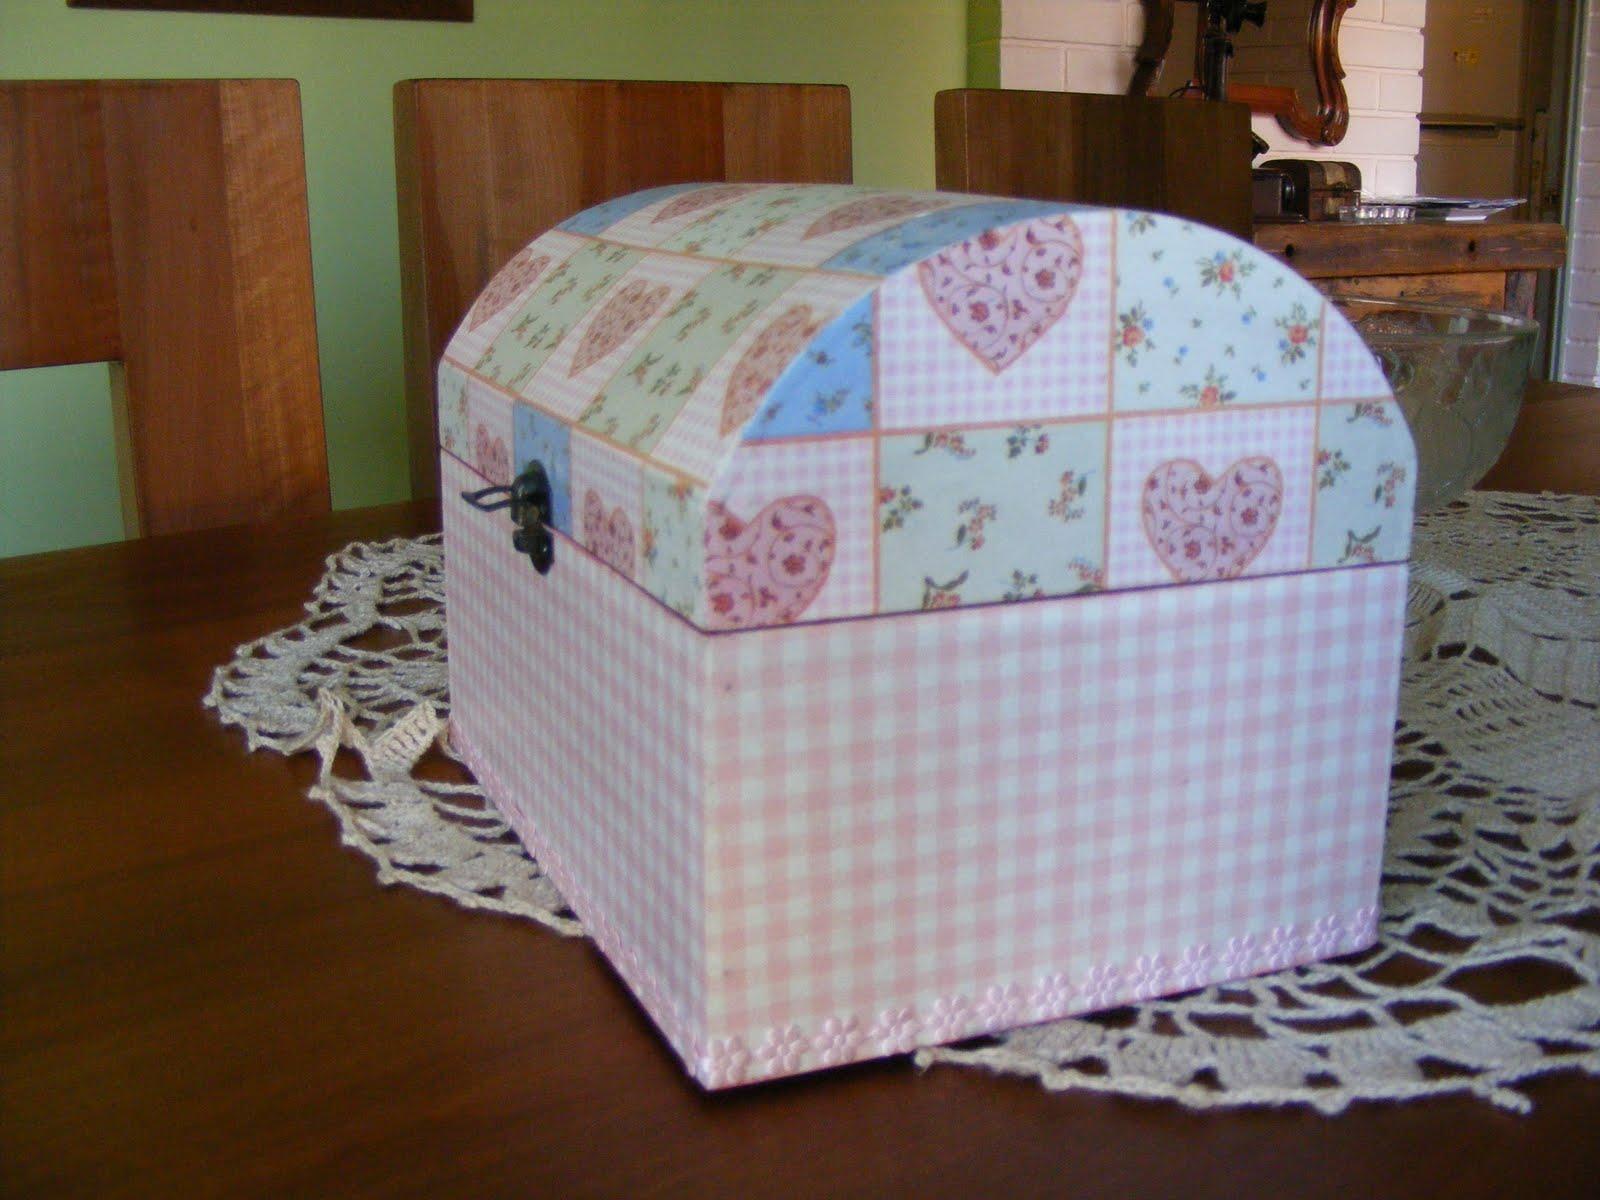 Recortes recuerdos y sue os baul decoupage for Decoupage con servilletas en muebles